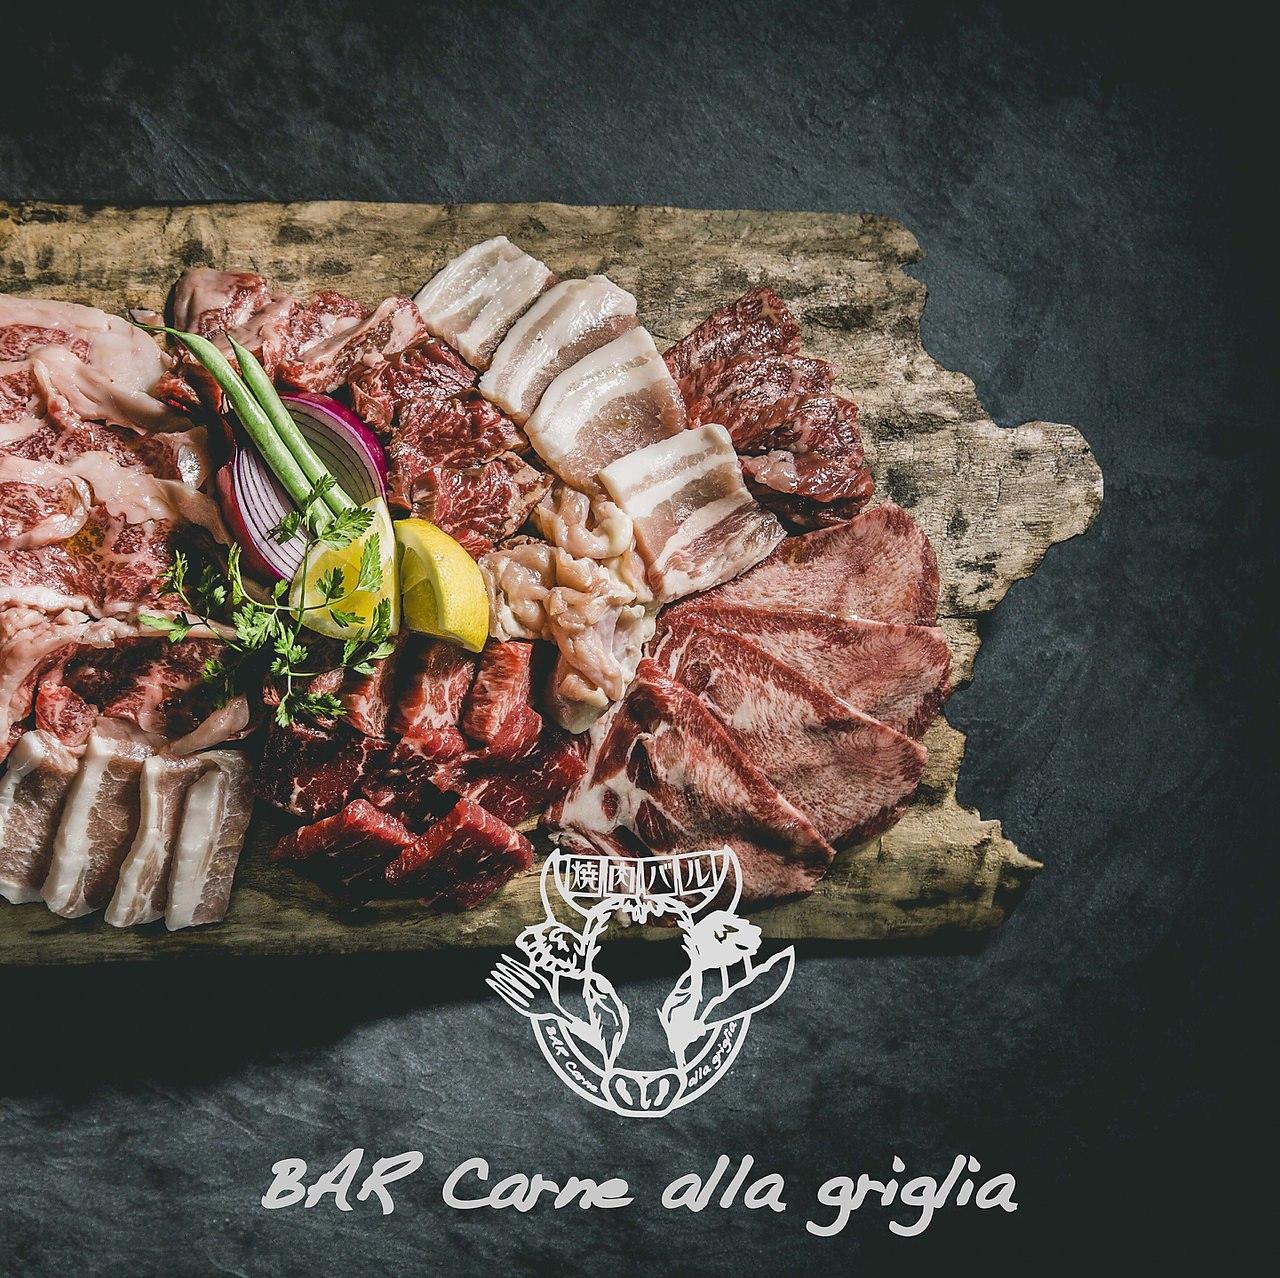 焼肉バル BAR Carne alla grigliaのイメージ写真